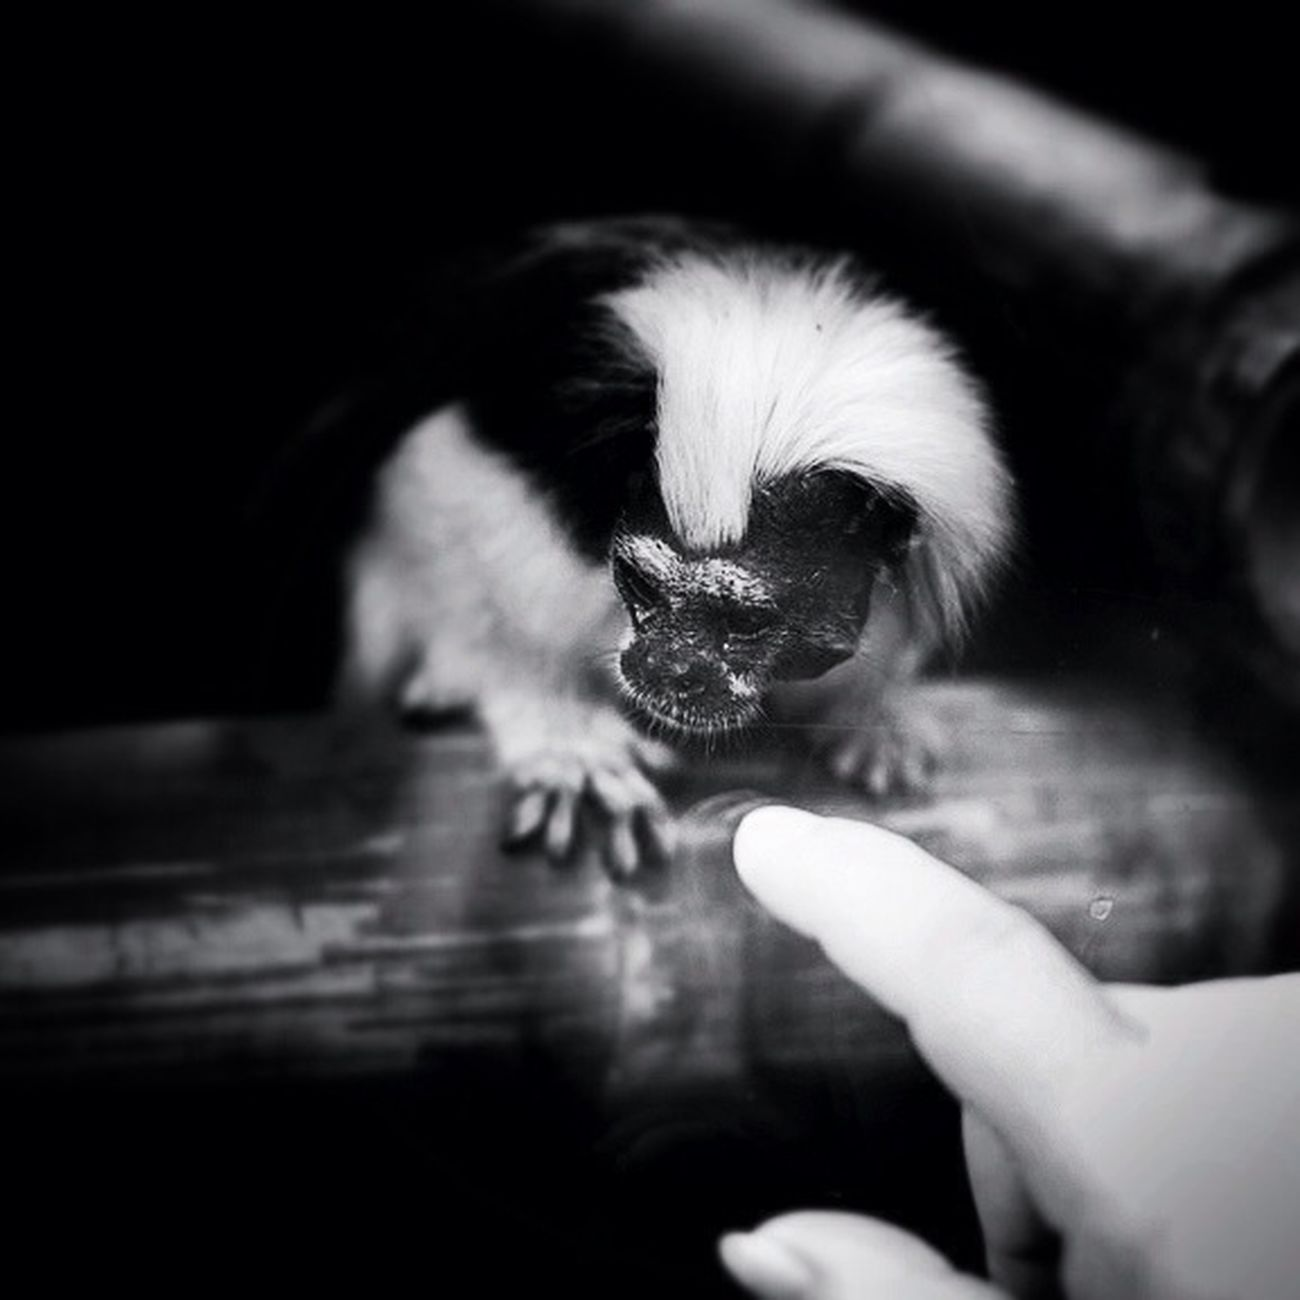 Monkey Nature Blackandwhite Animals